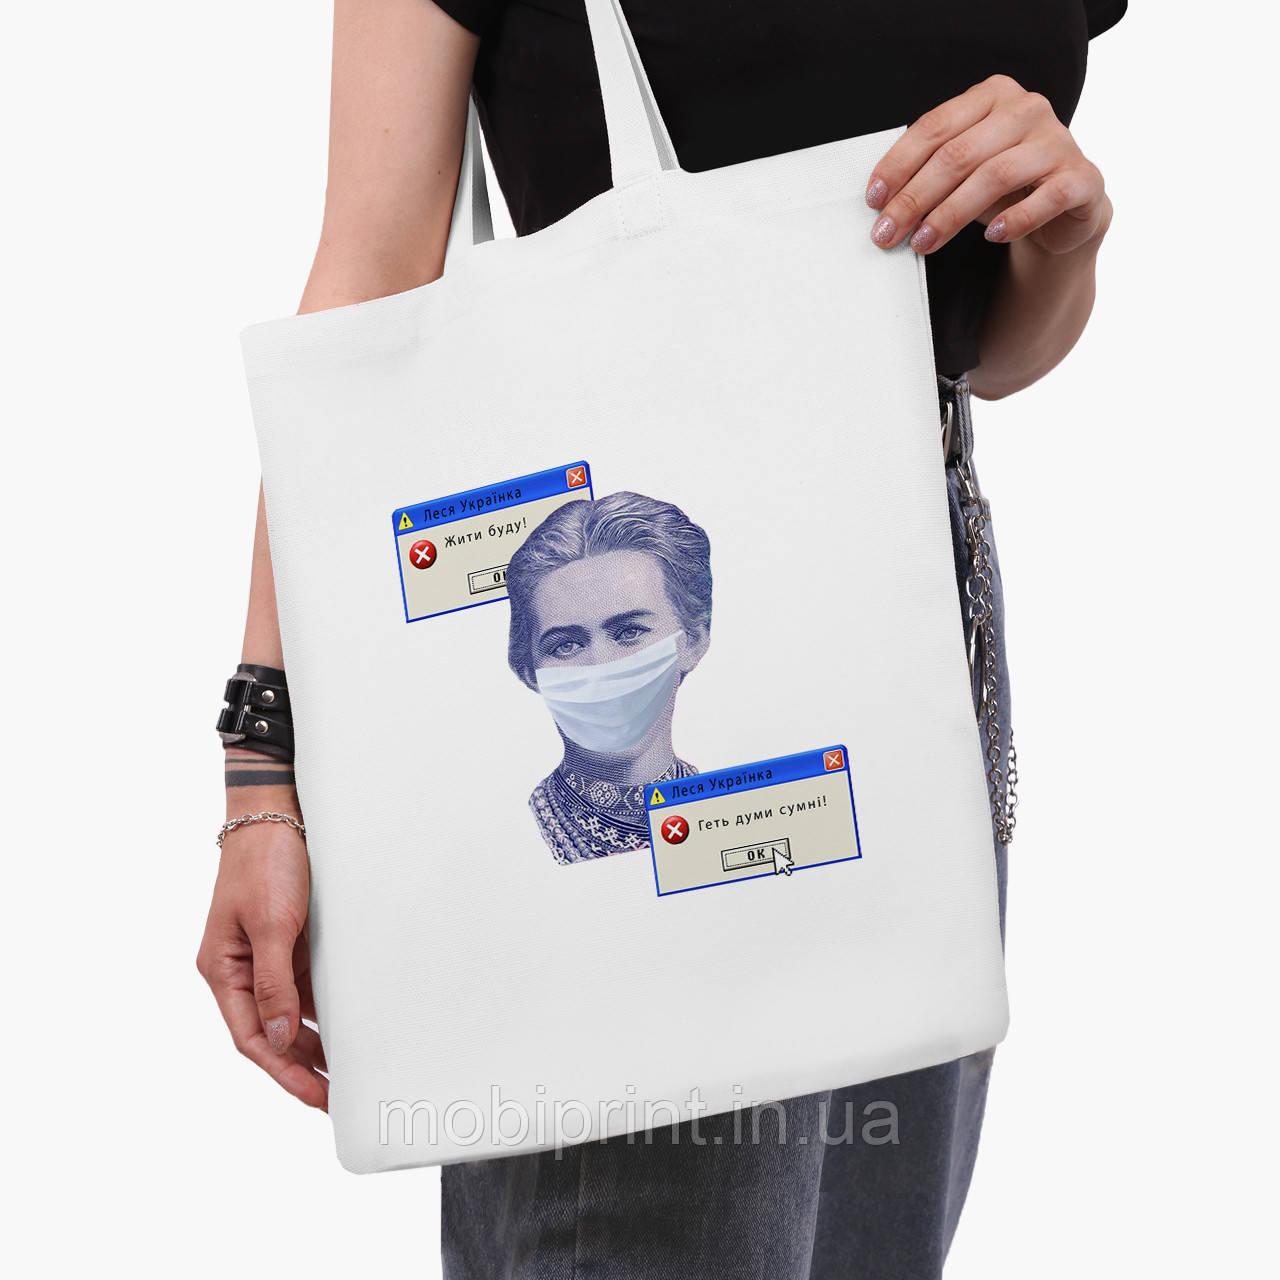 Эко сумка шоппер белая Леся Украинка (Lesya Ukrainka) (9227-1428-3)  41*35 см